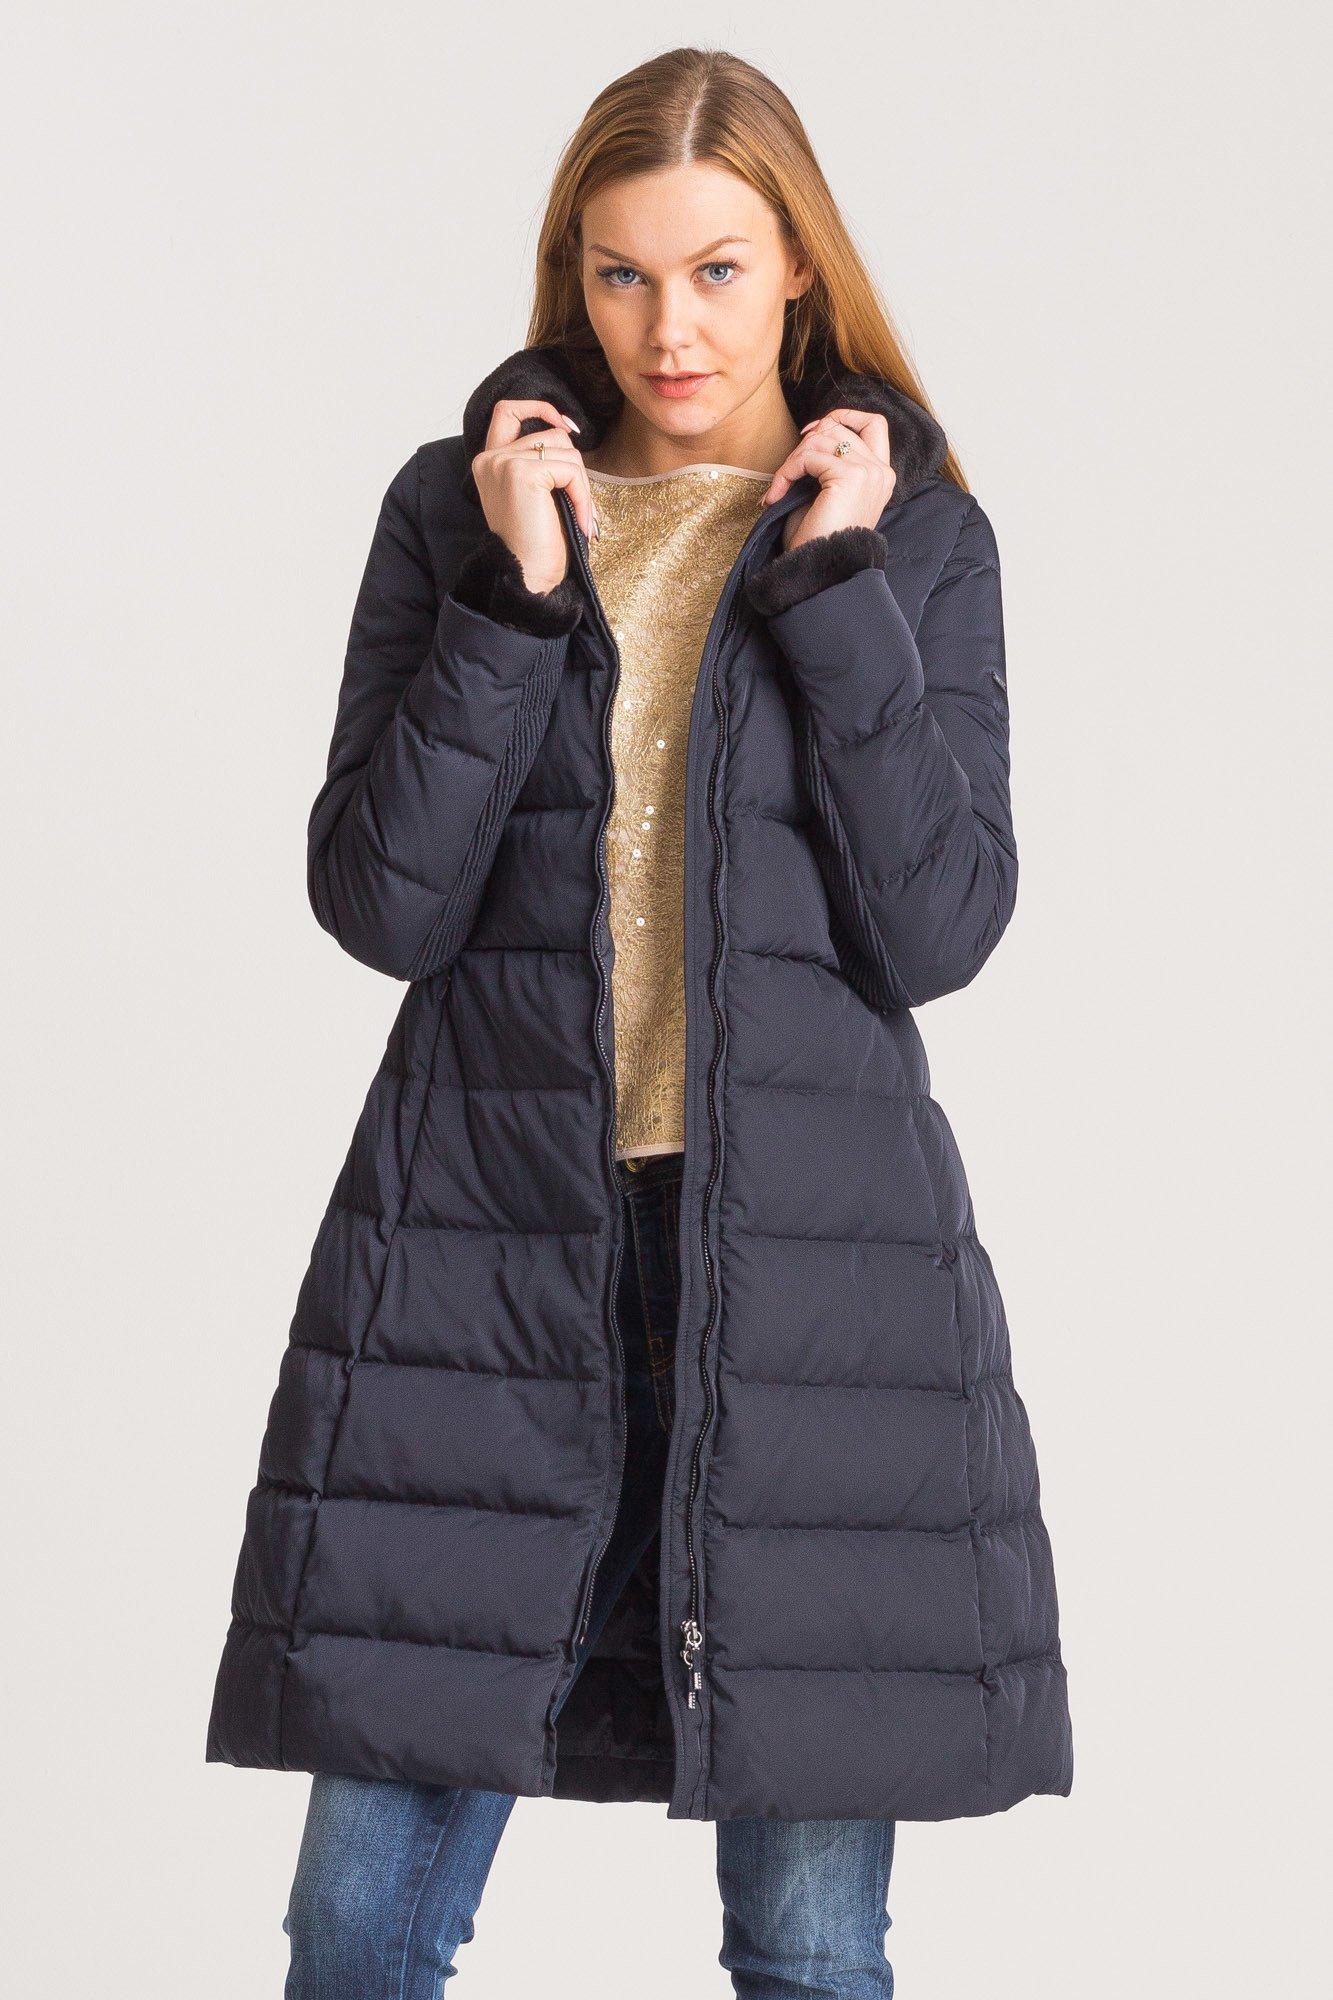 584340b933373 Granatowy pikowany płaszcz damski; Granatowy pikowany płaszcz damski ...